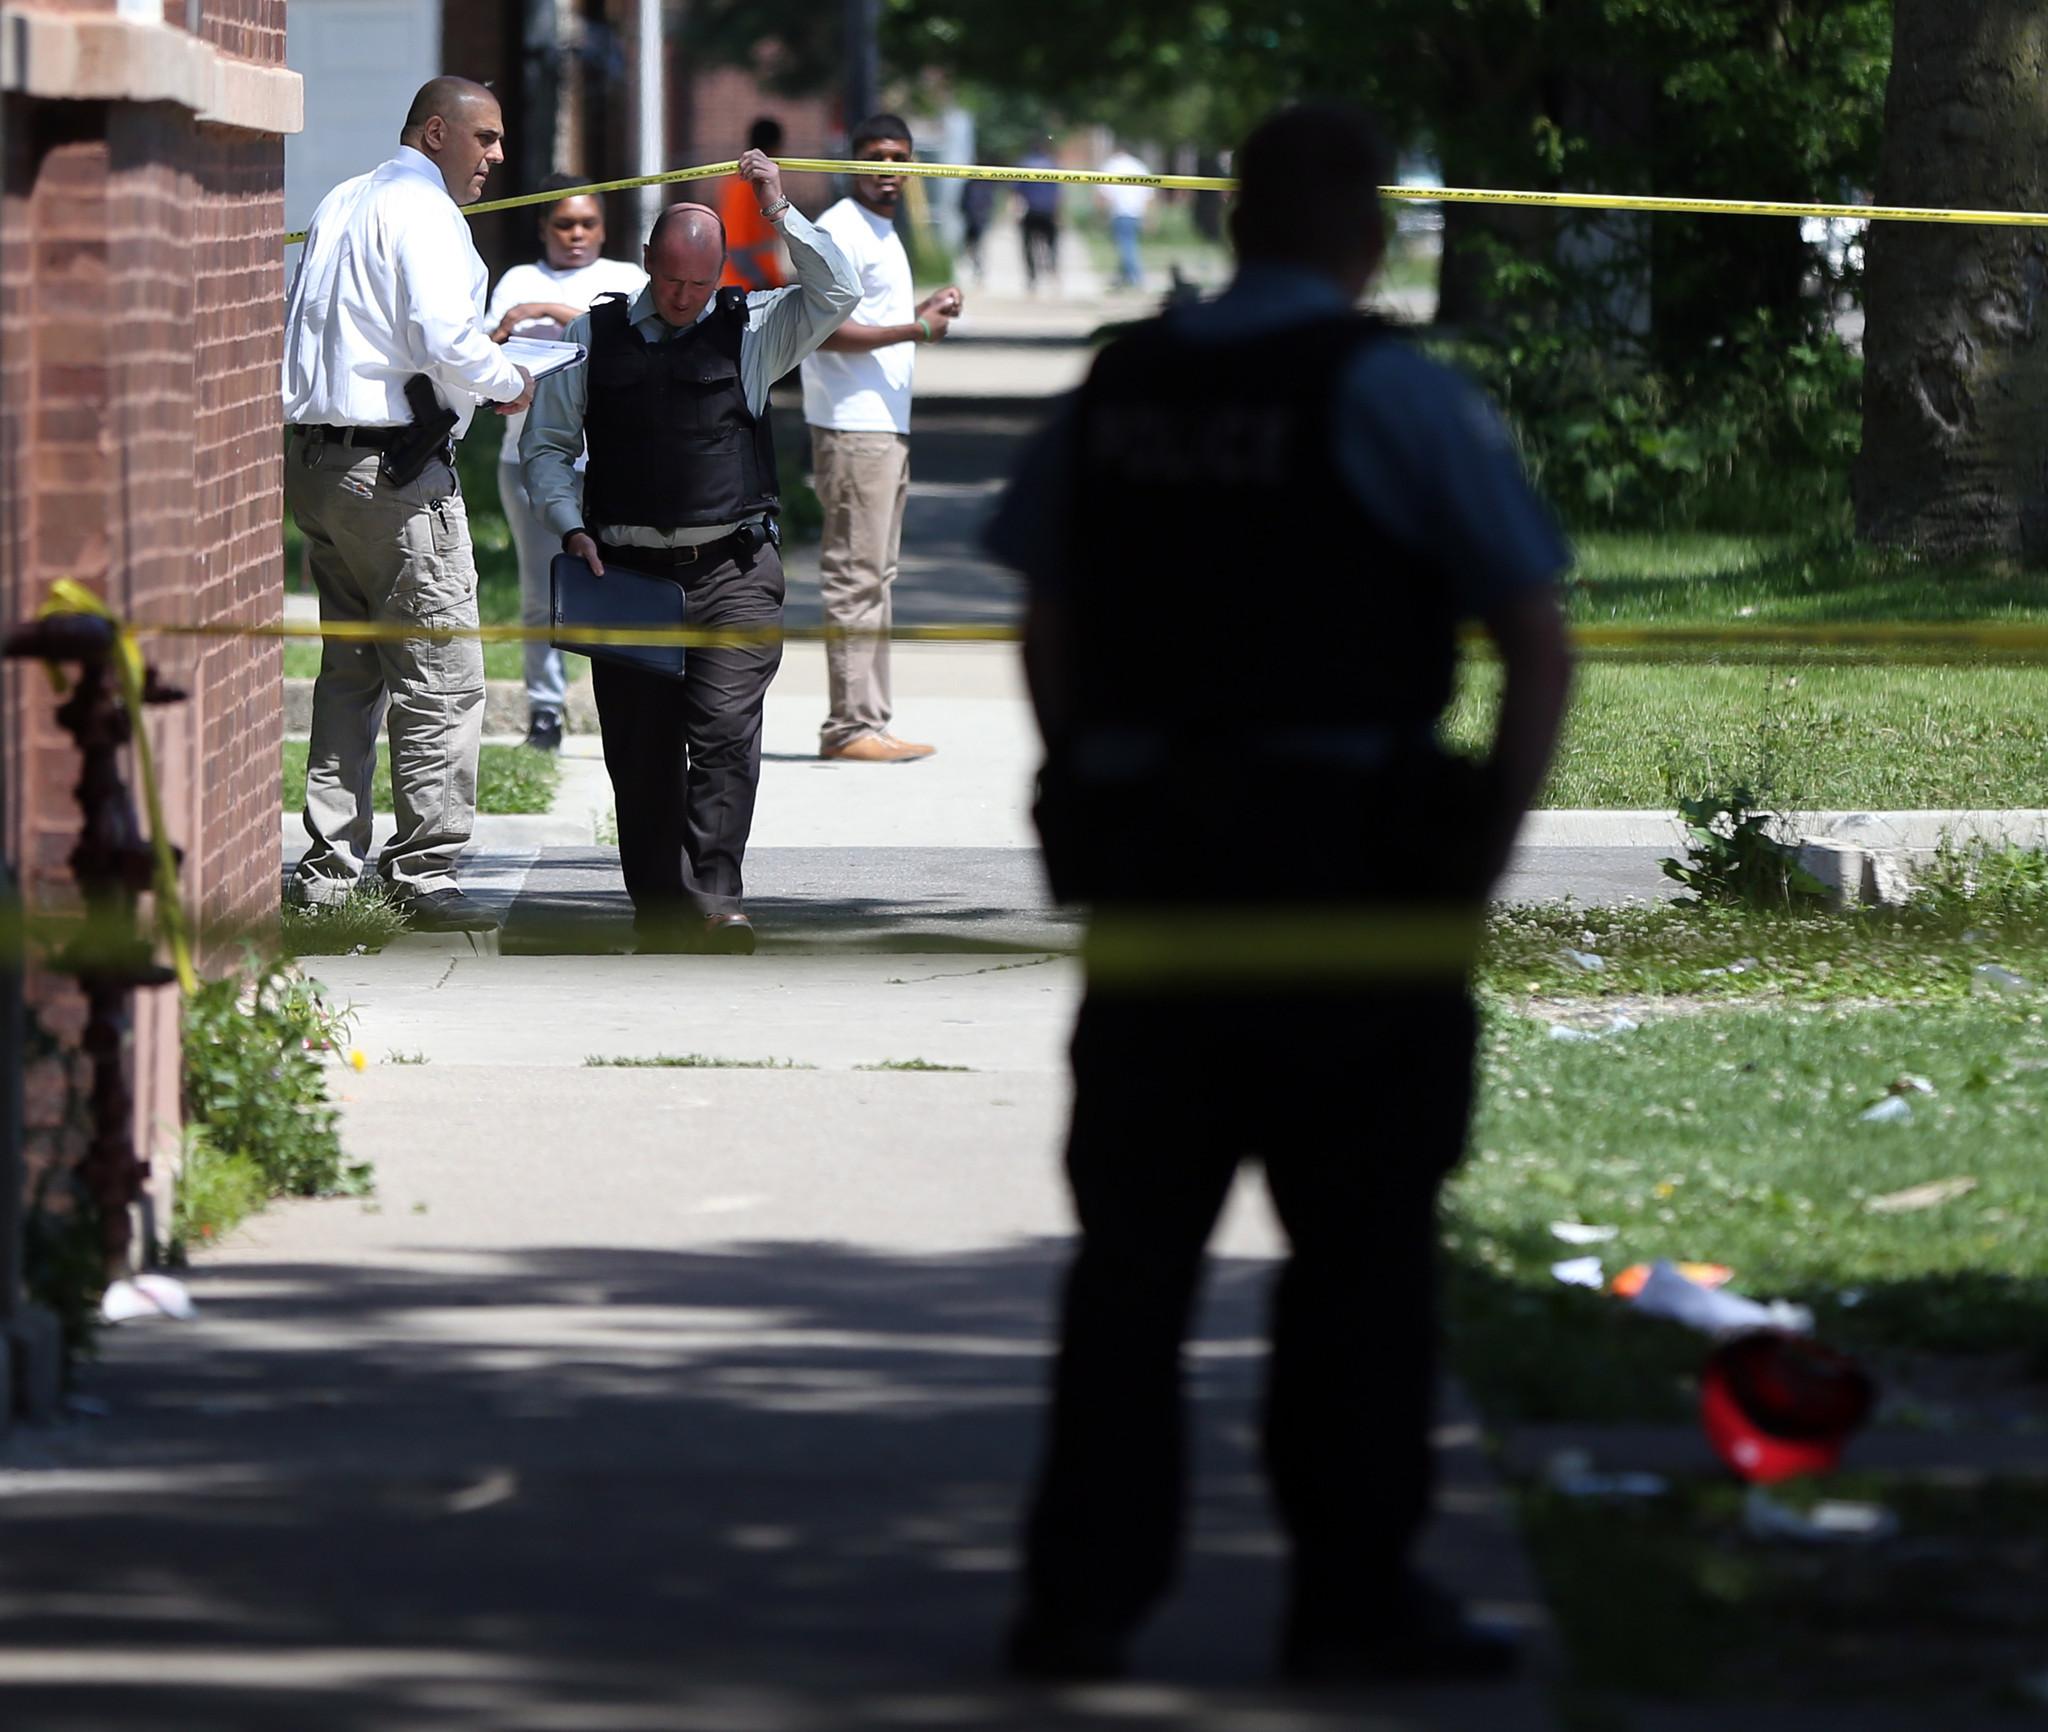 Leaderless Chicago Street Gangs Vex Police Efforts To